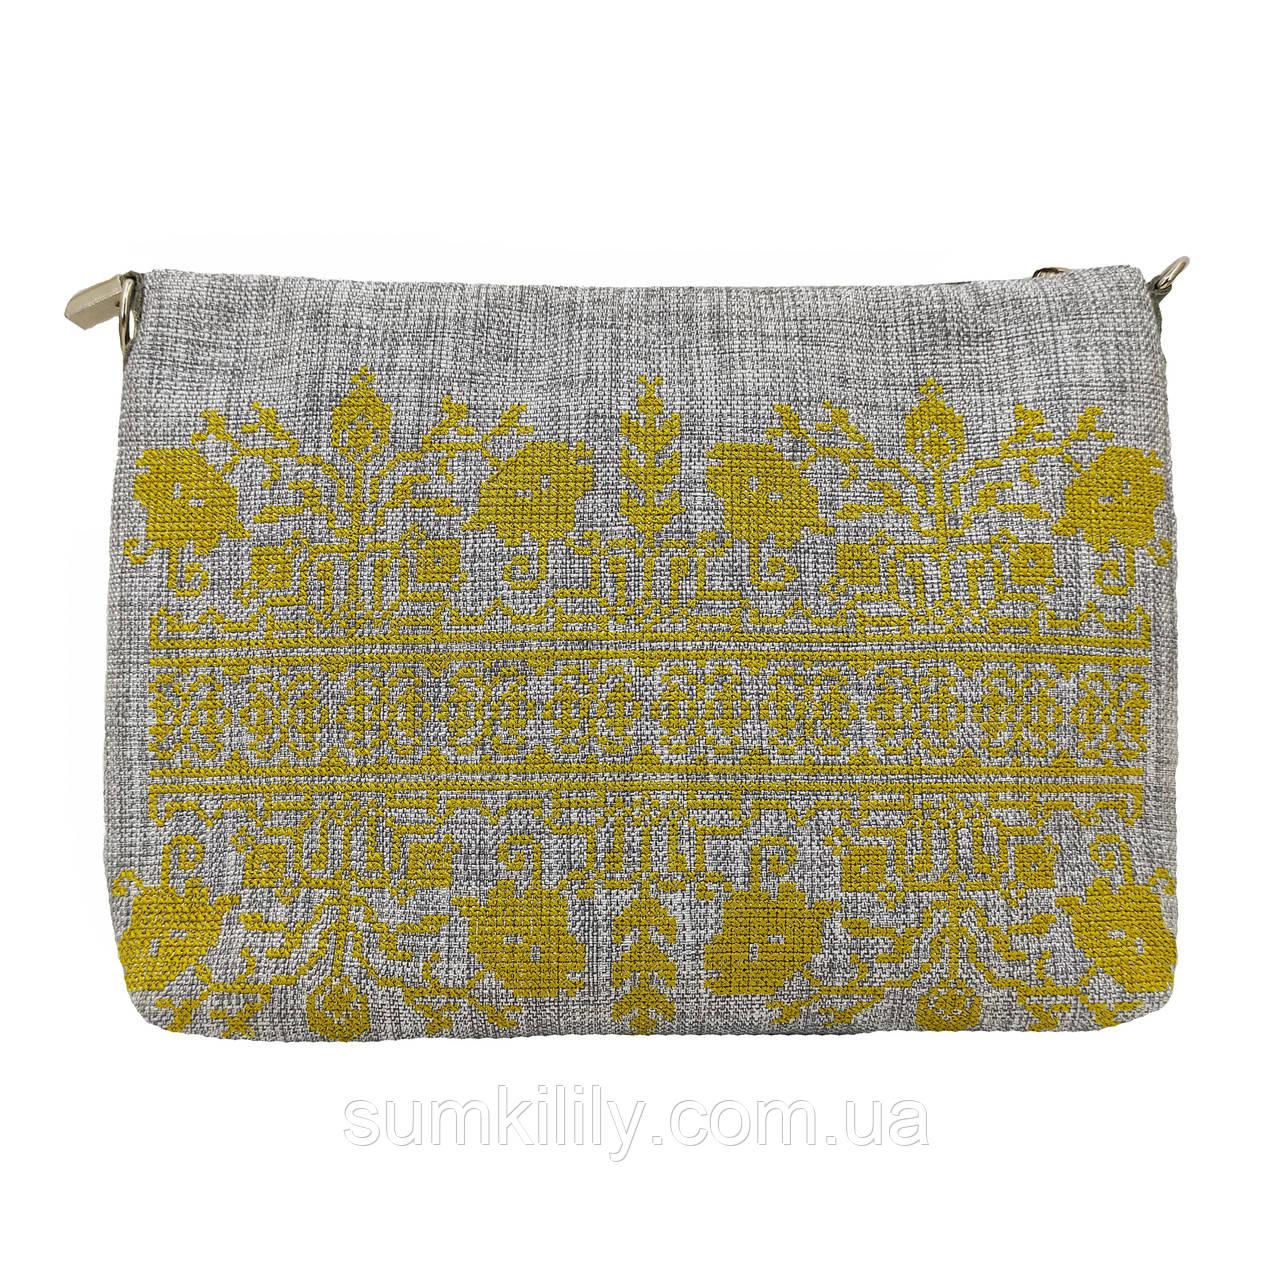 Летняя сумка с вышивкой  Сокаль 65